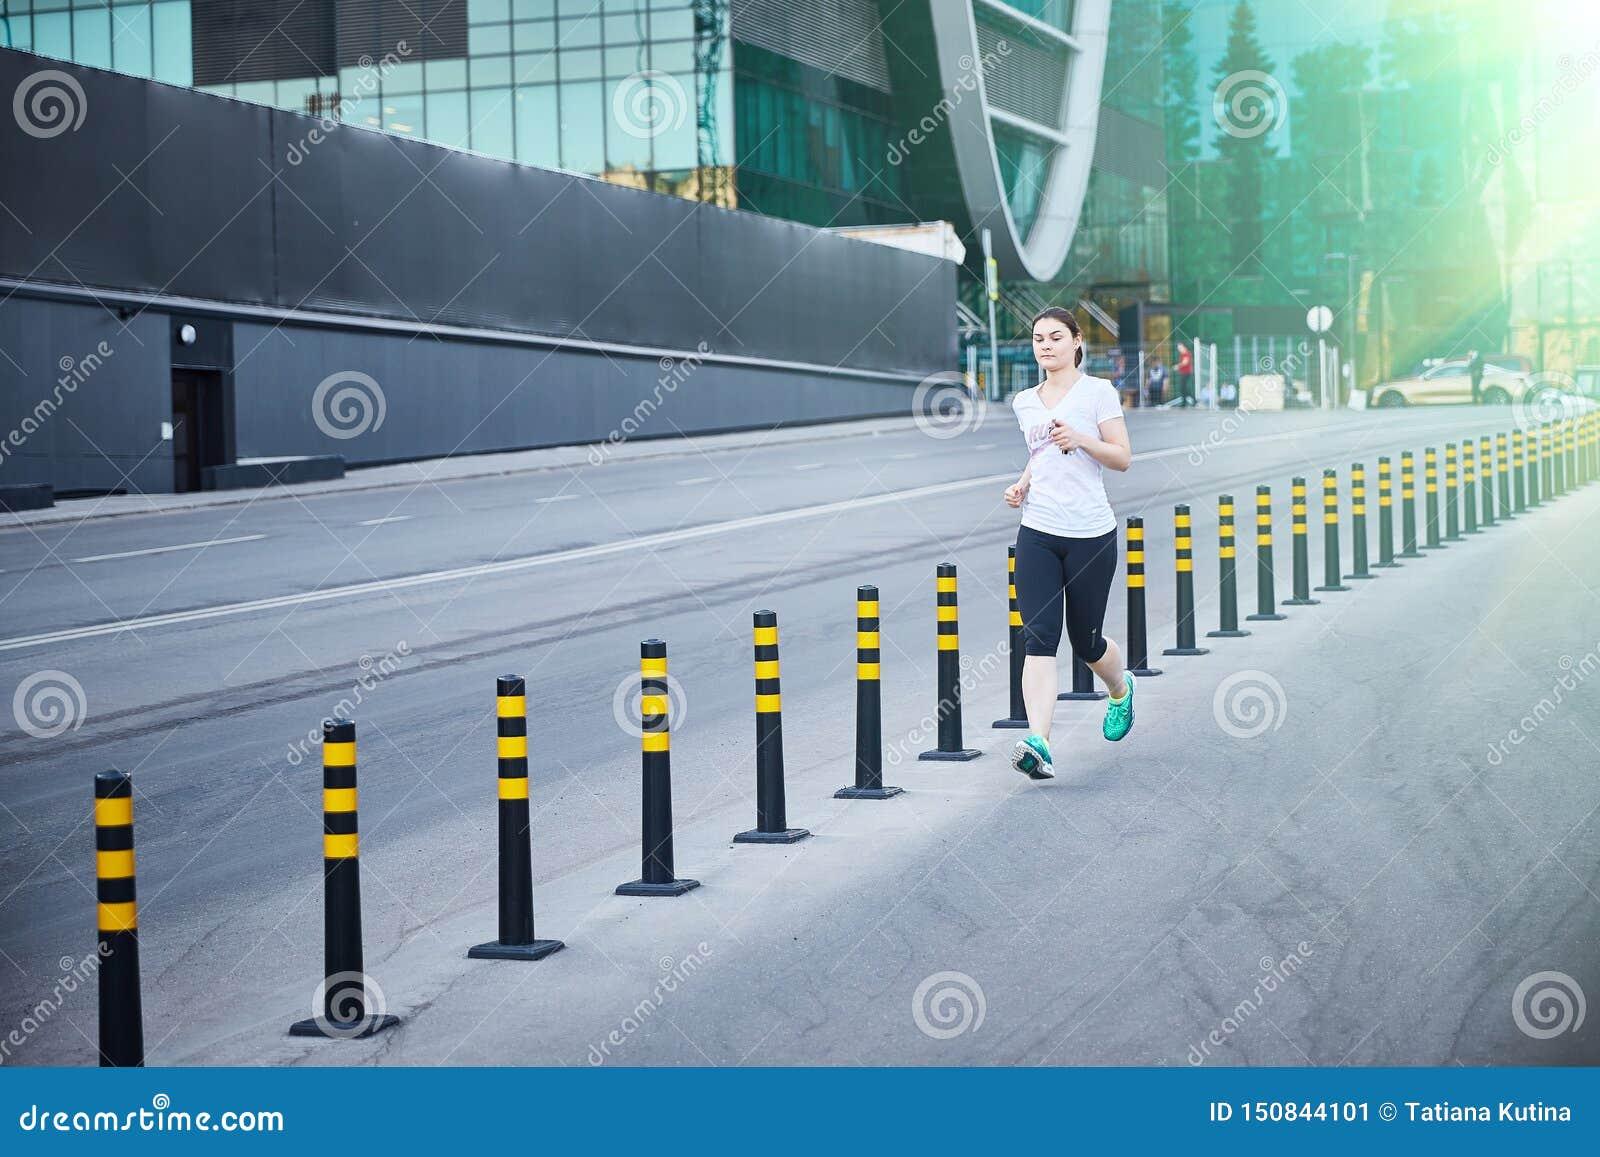 Moscú, Rusia - 11 de junio de 2019 la muchacha está corriendo abajo de la calle